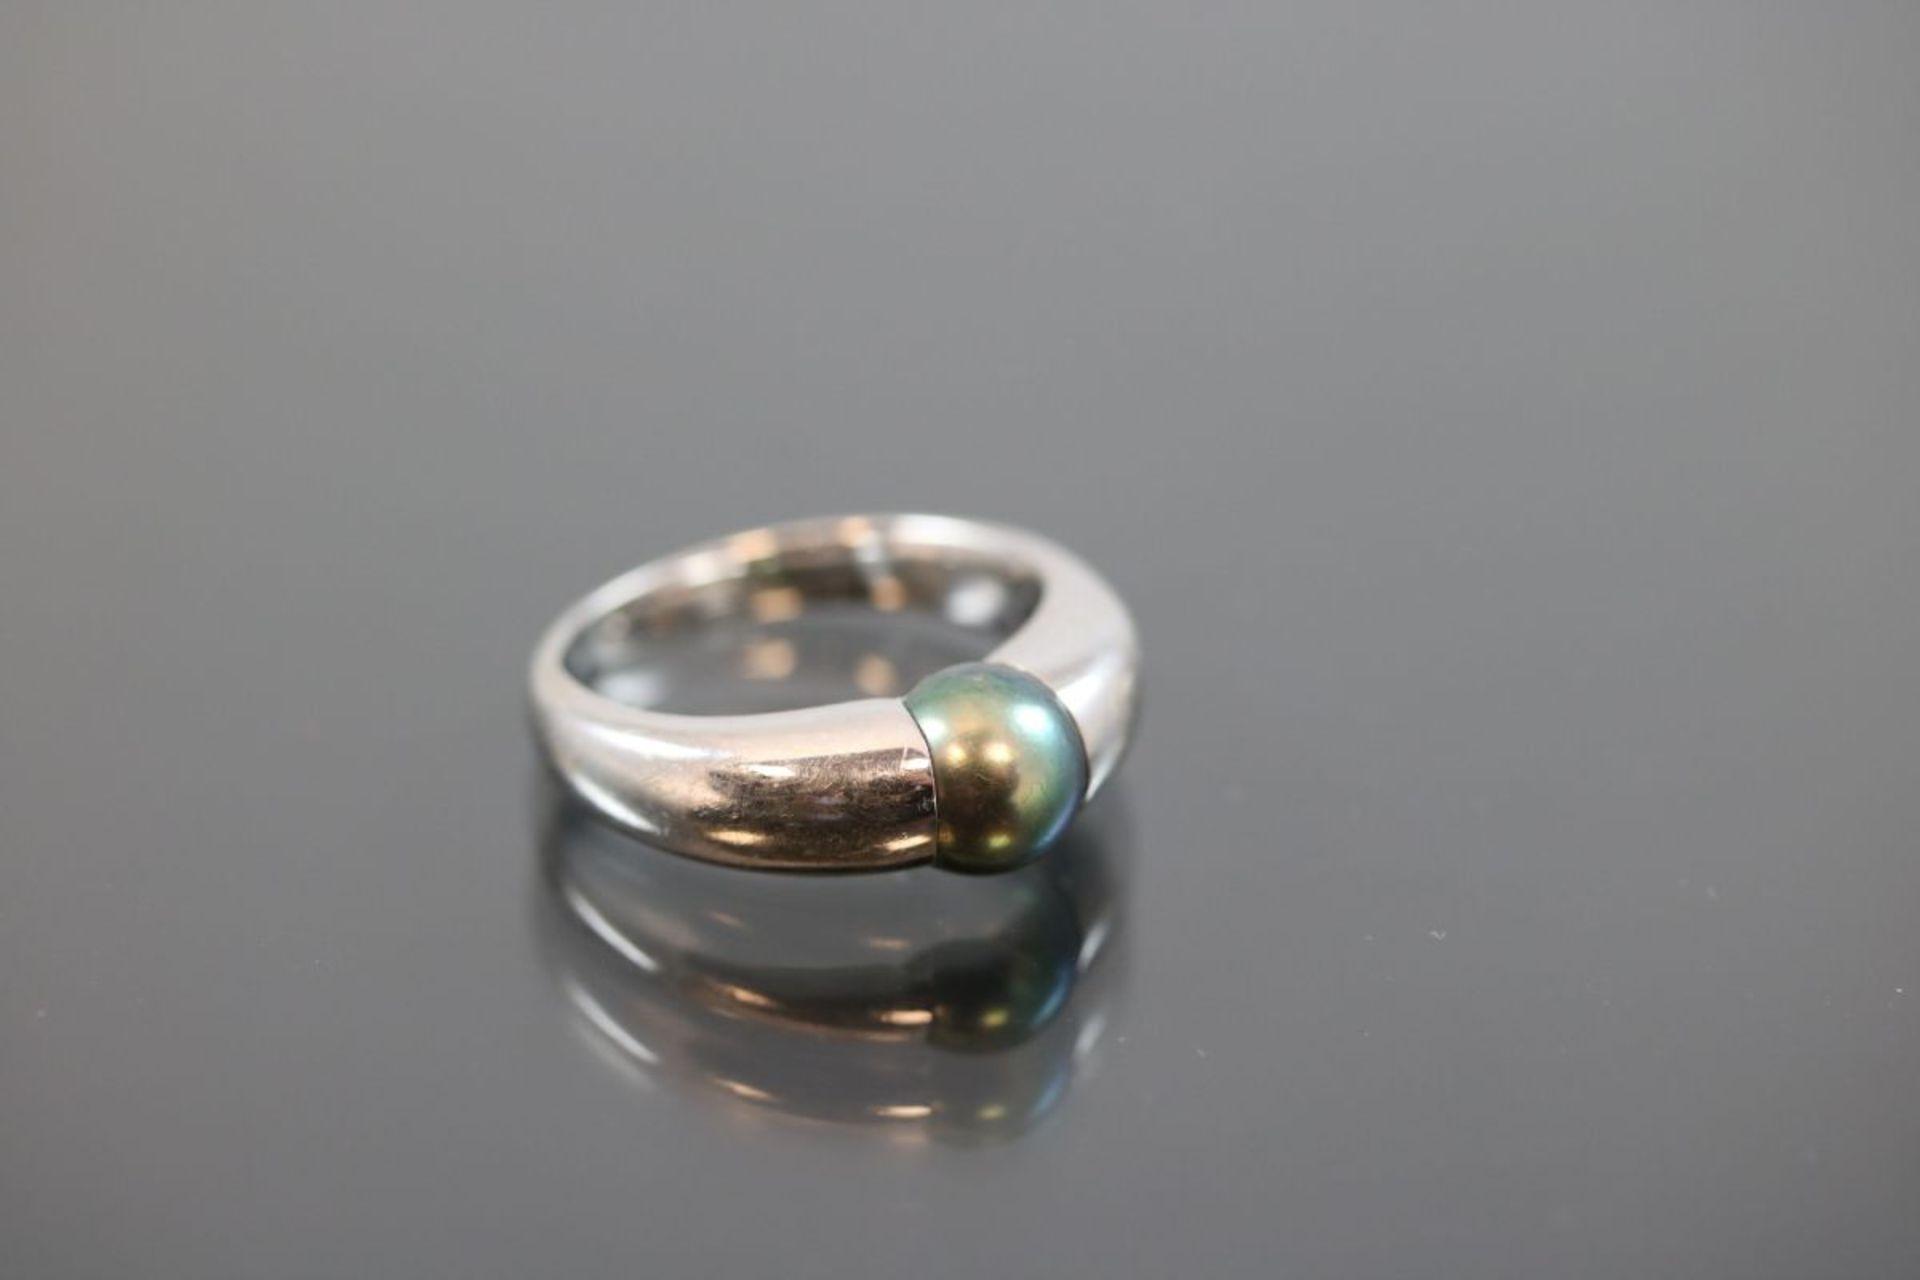 Tahiti-Perlen-Ring, 750 Weißgold7,1 Gramm 1 Tahitiperle, Ringgröße: 51Schätzpreis: 1600,- - Bild 3 aus 3